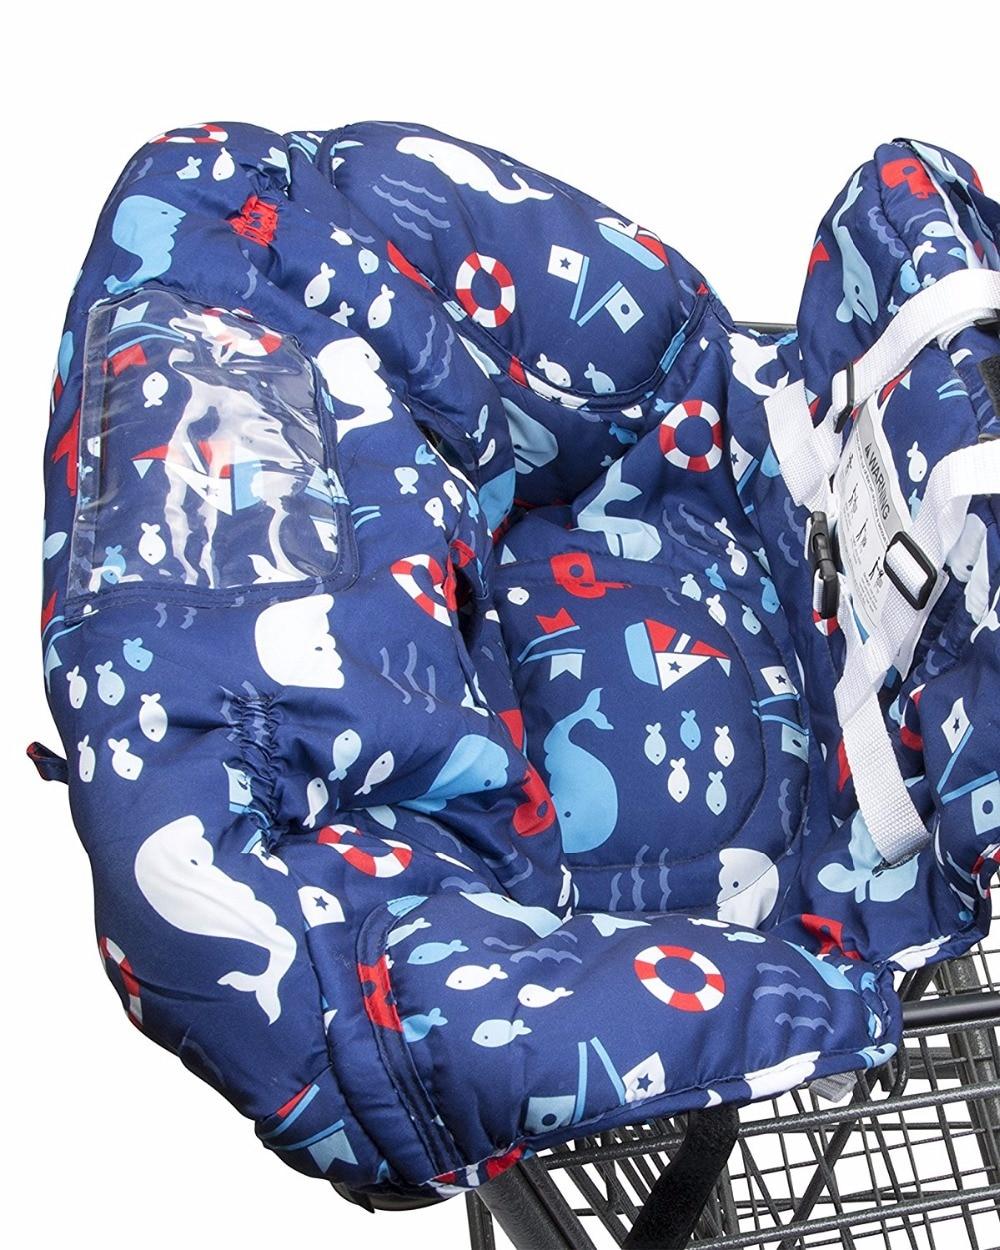 Премиум покрывало для магазиннной тележки и крышки стульев, легкая установка, система жгута, Мягкая комфортная амортизация, универсальный размер, защищает